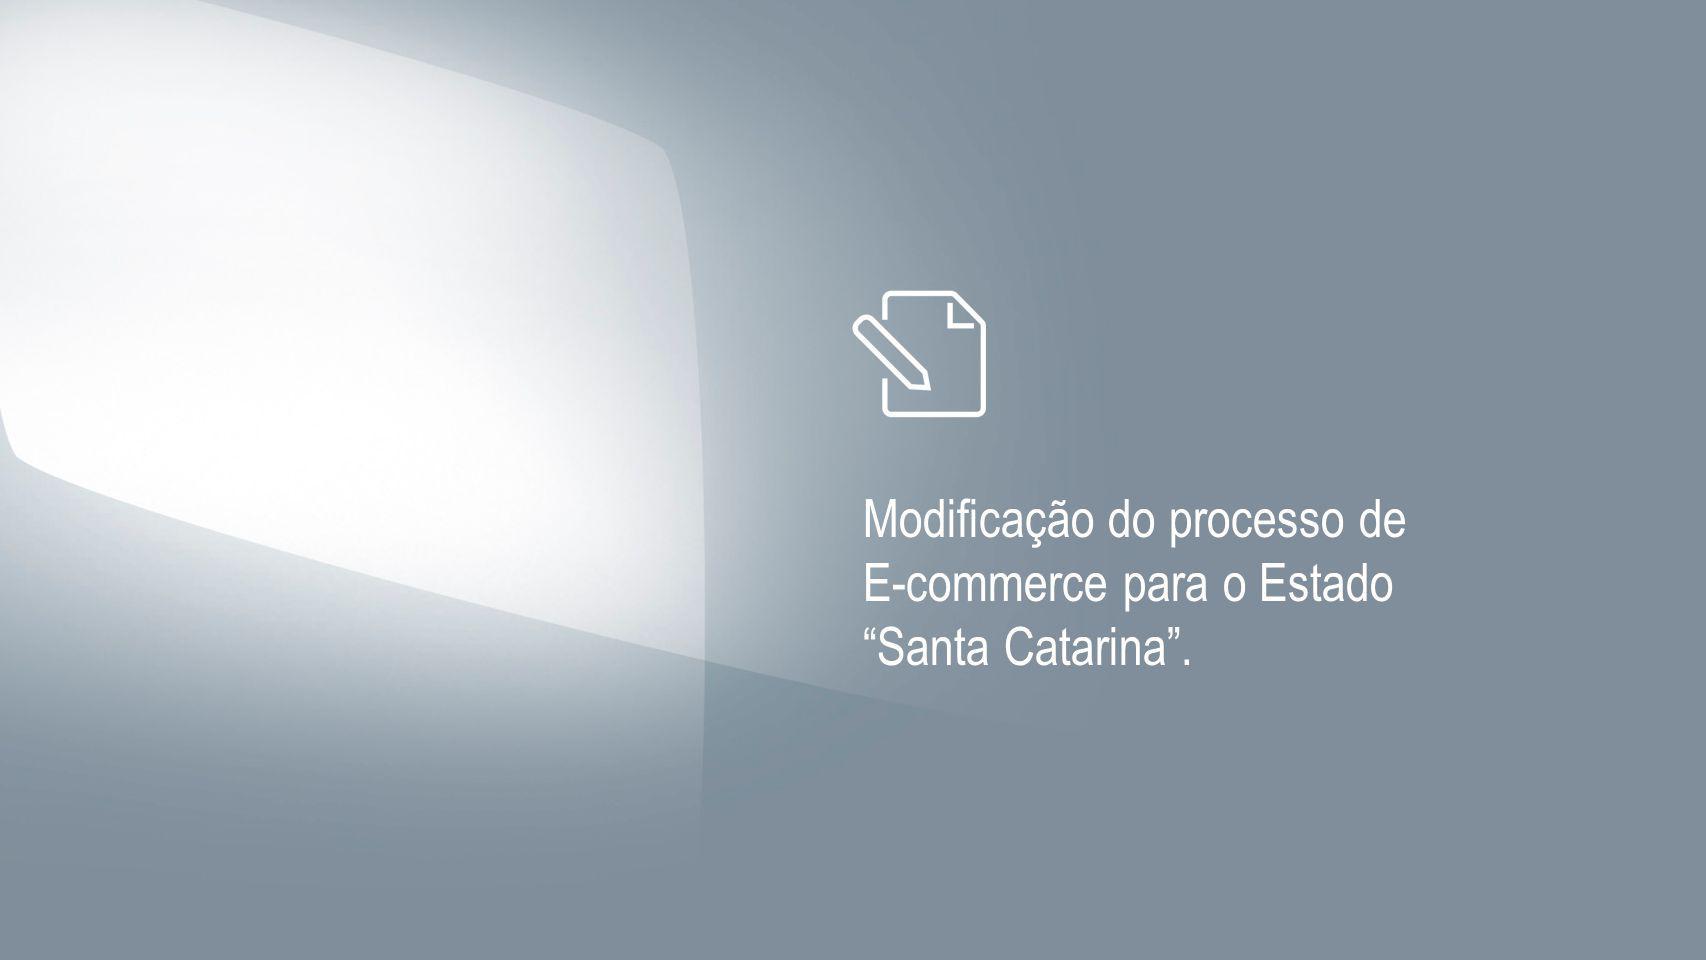 Modificação do processo de E-commerce para o Estado Santa Catarina .